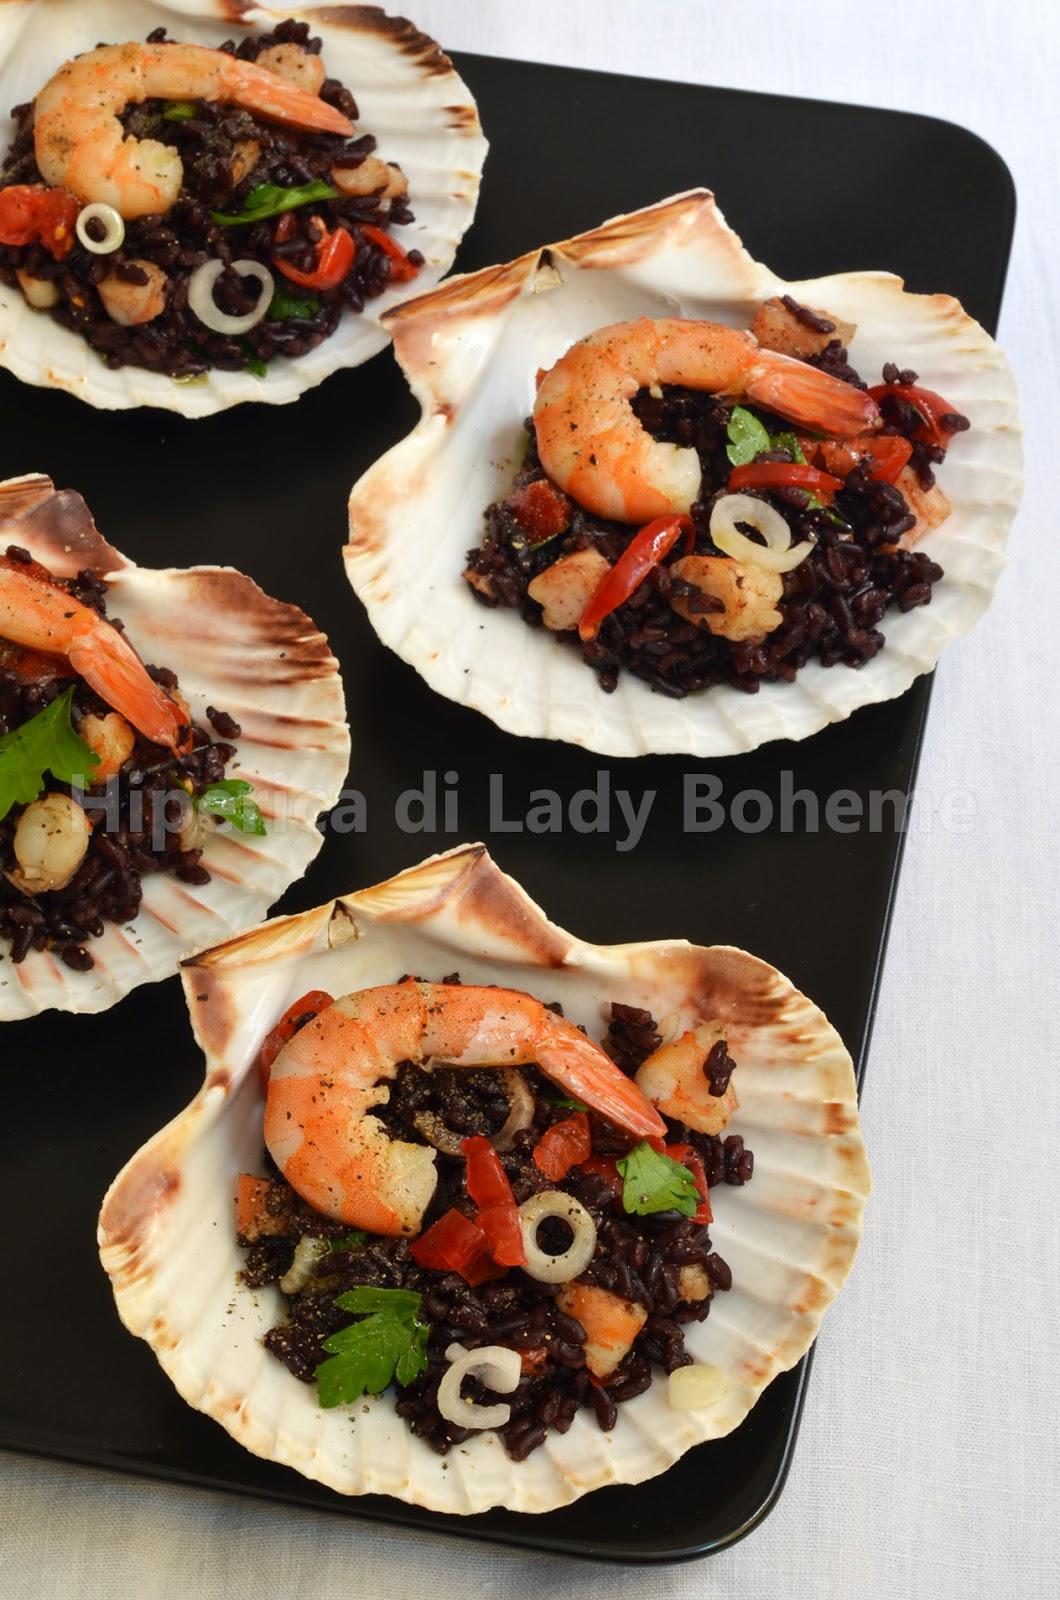 hiperica_lady_boheme_blog_cucina_ricette_gustose_facili_veloci_riso_venere_gamberetti_e_pomodorini_1